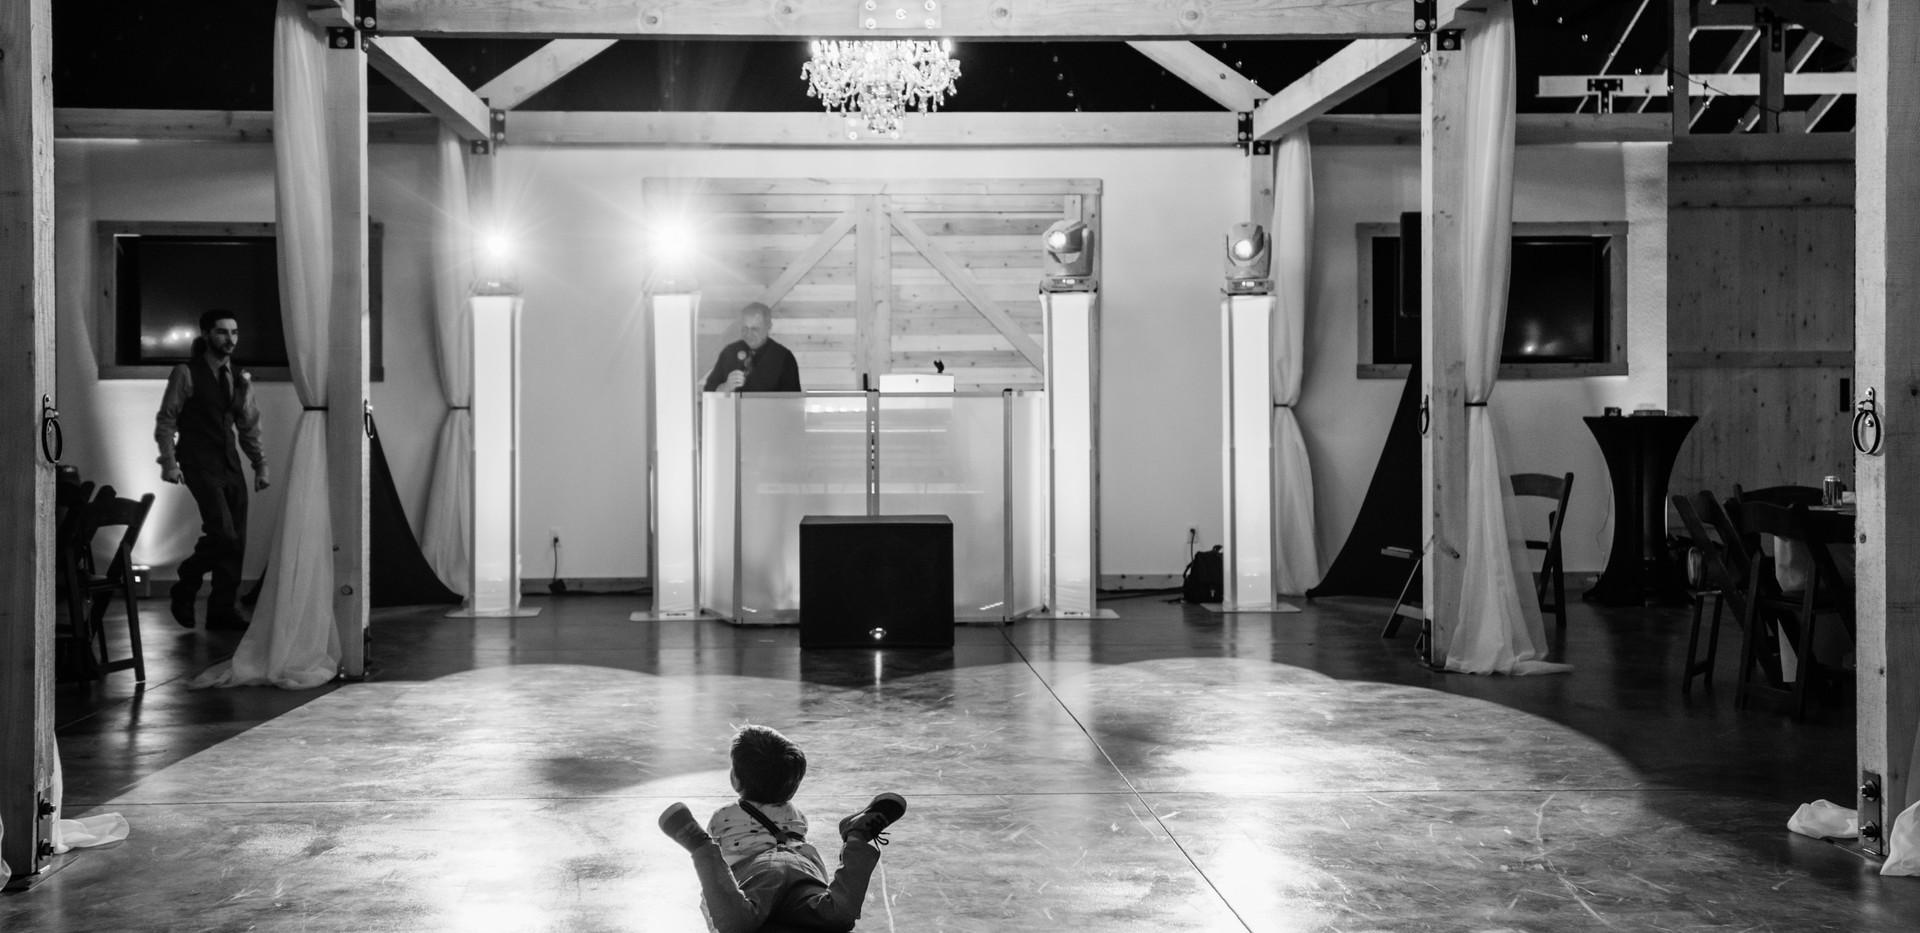 Dancefloor Space